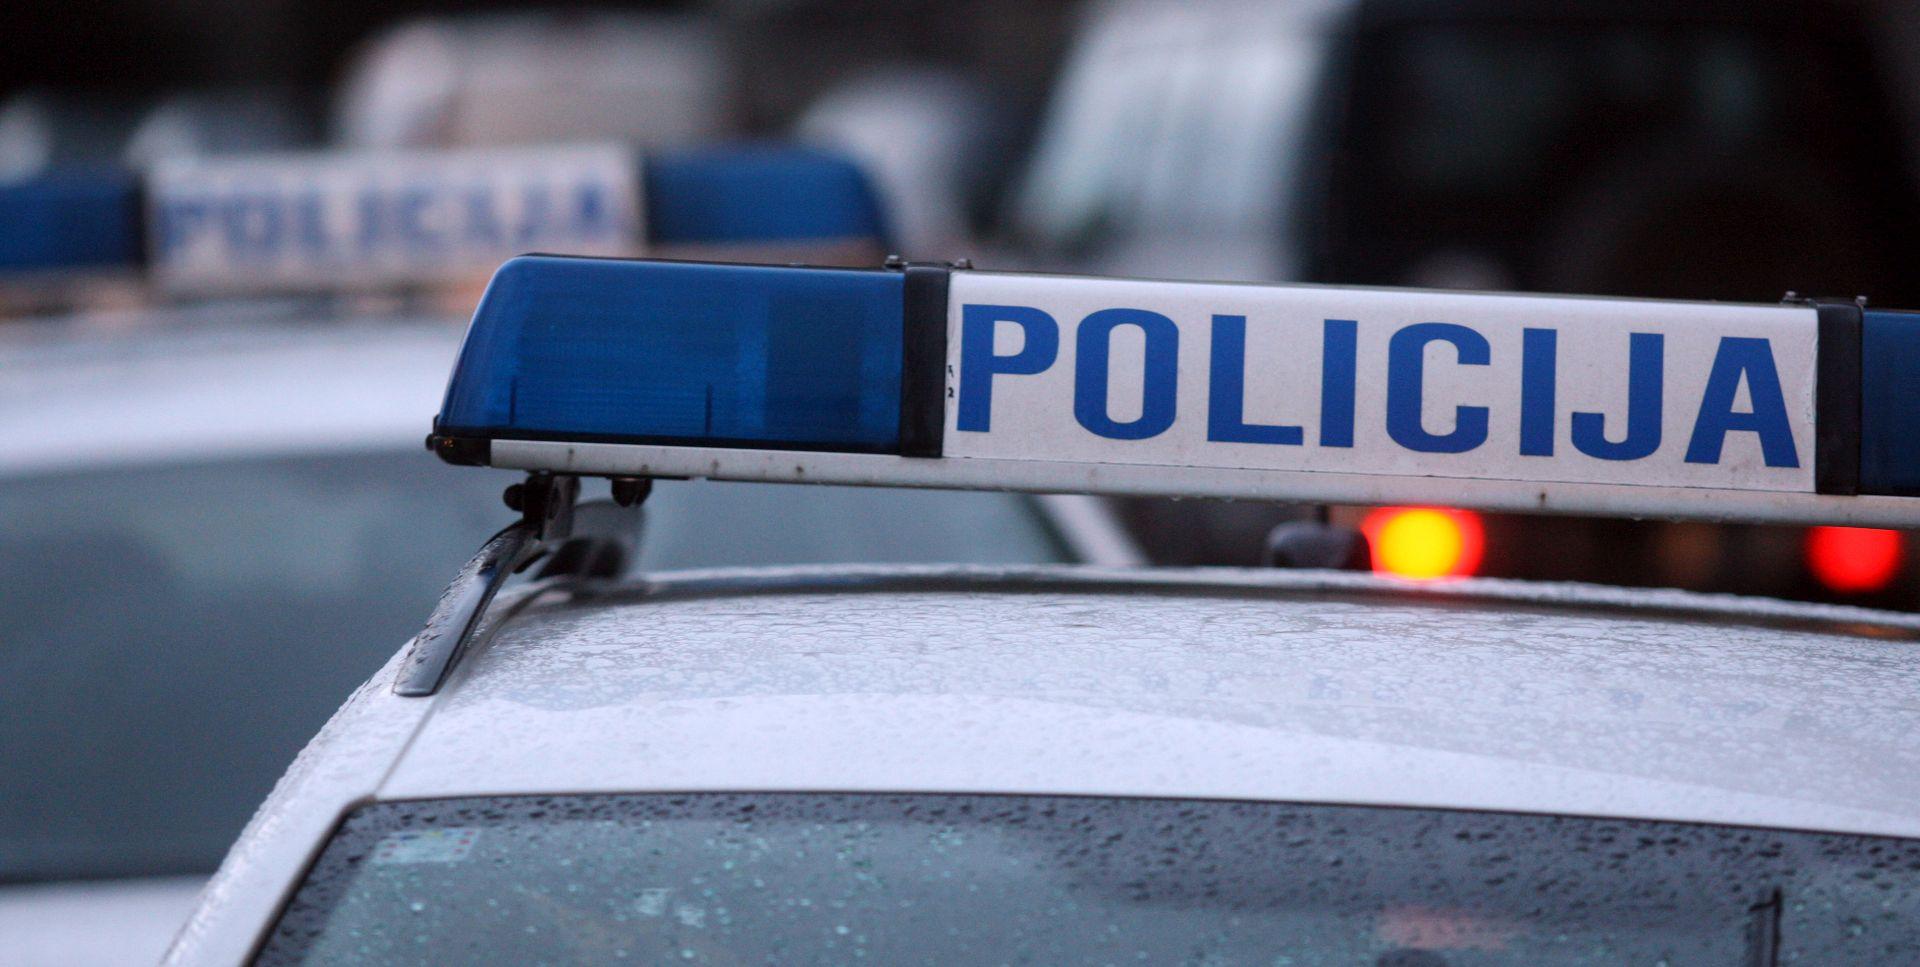 Jedna osoba poginula u prometnoj nesreći u Rijeci